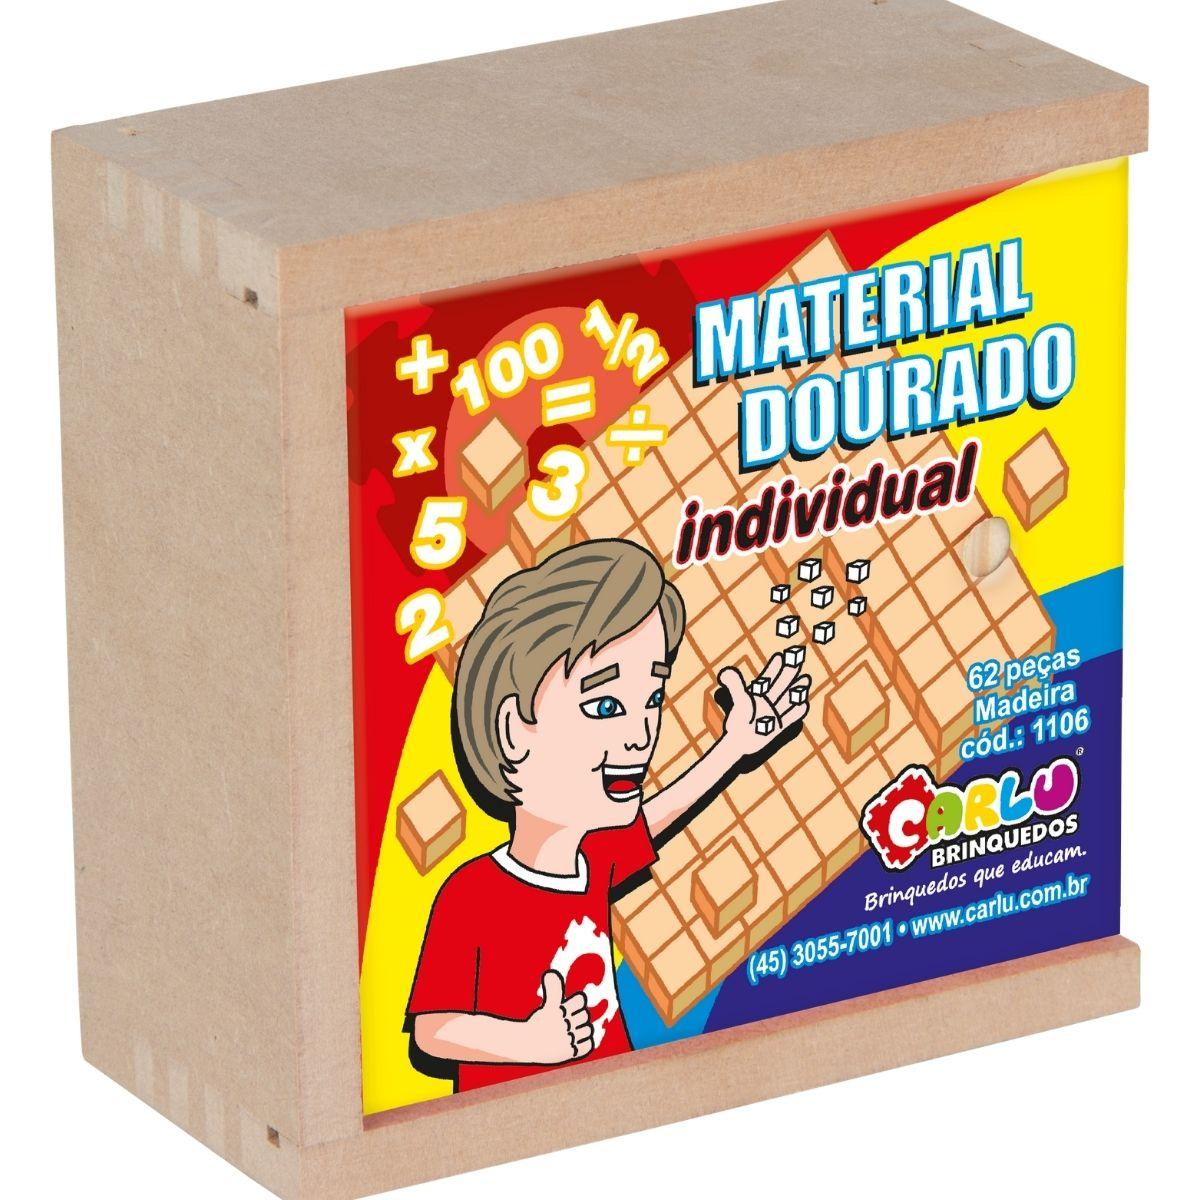 Brinquedo Material Dourado Individual em Madeira - 62 peças